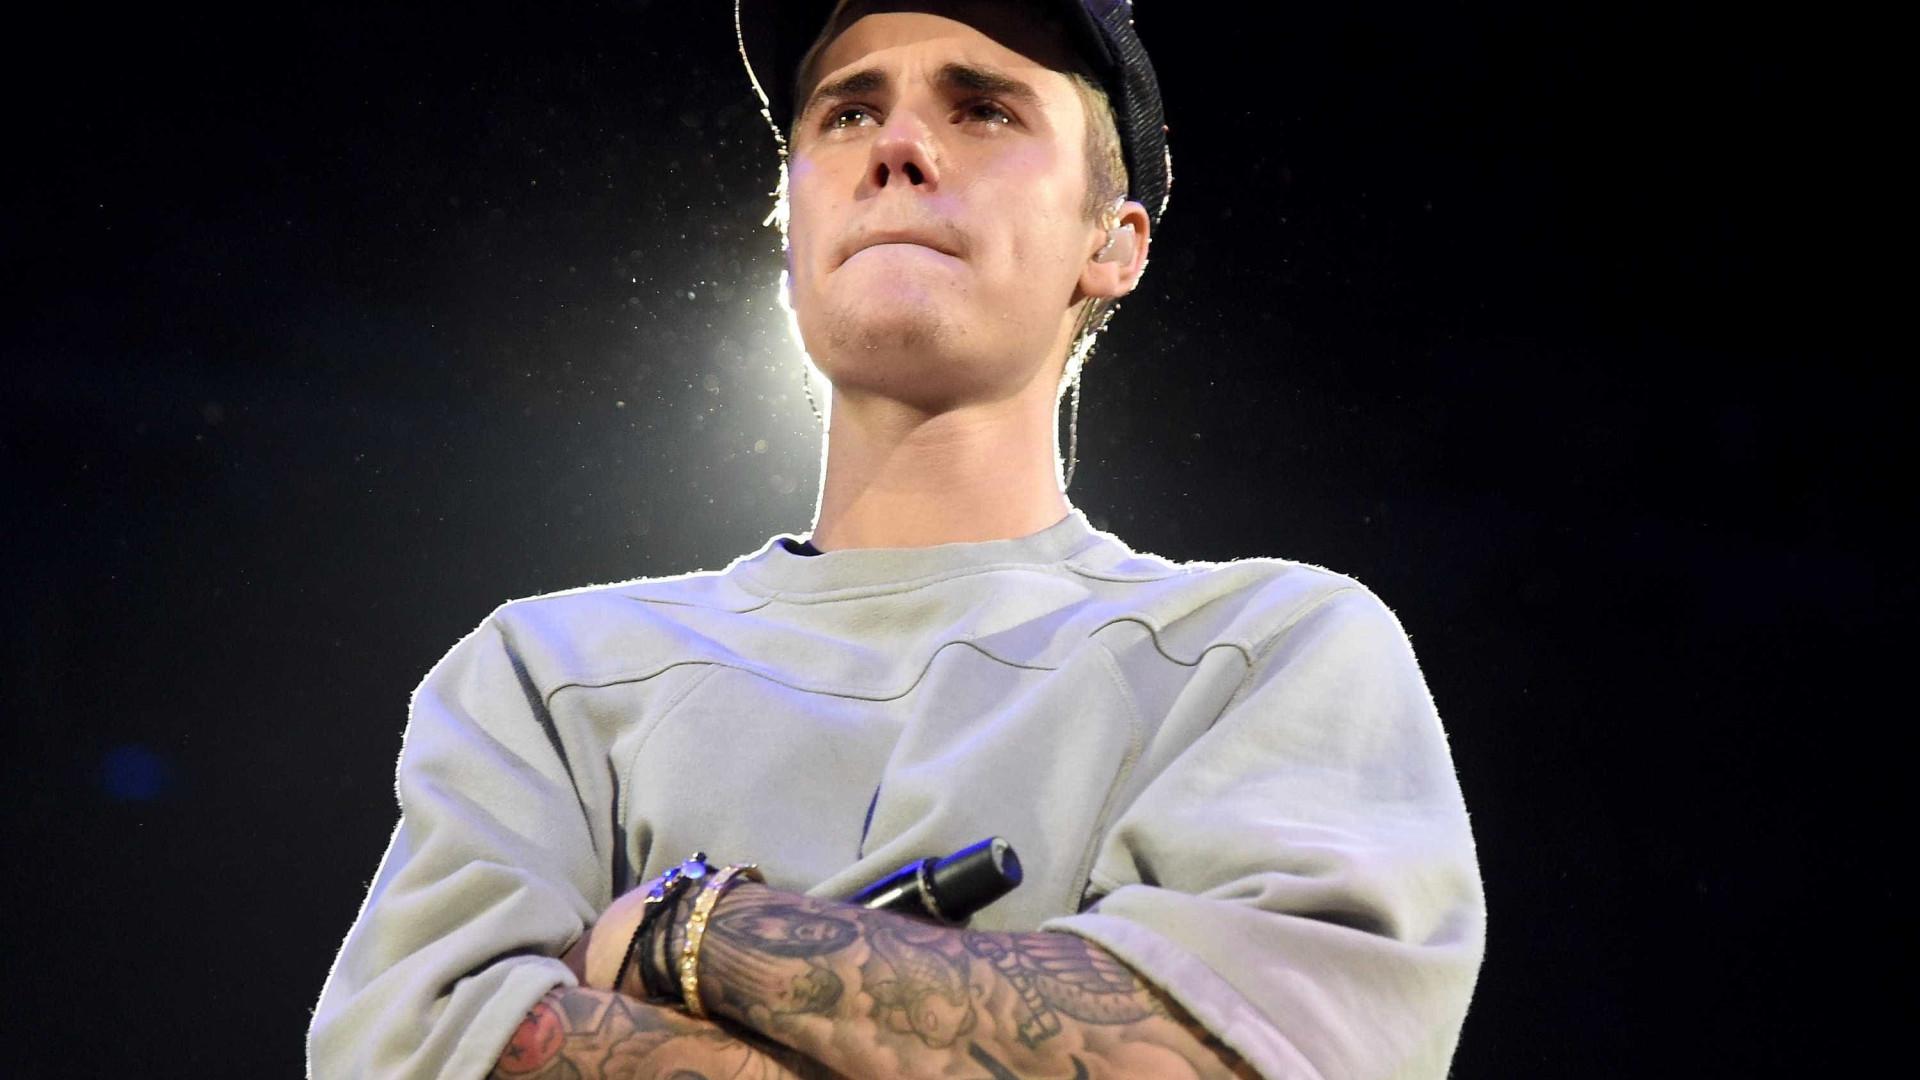 Justin Bieber faz árvore de natal em tronco nu e as fãs deliram